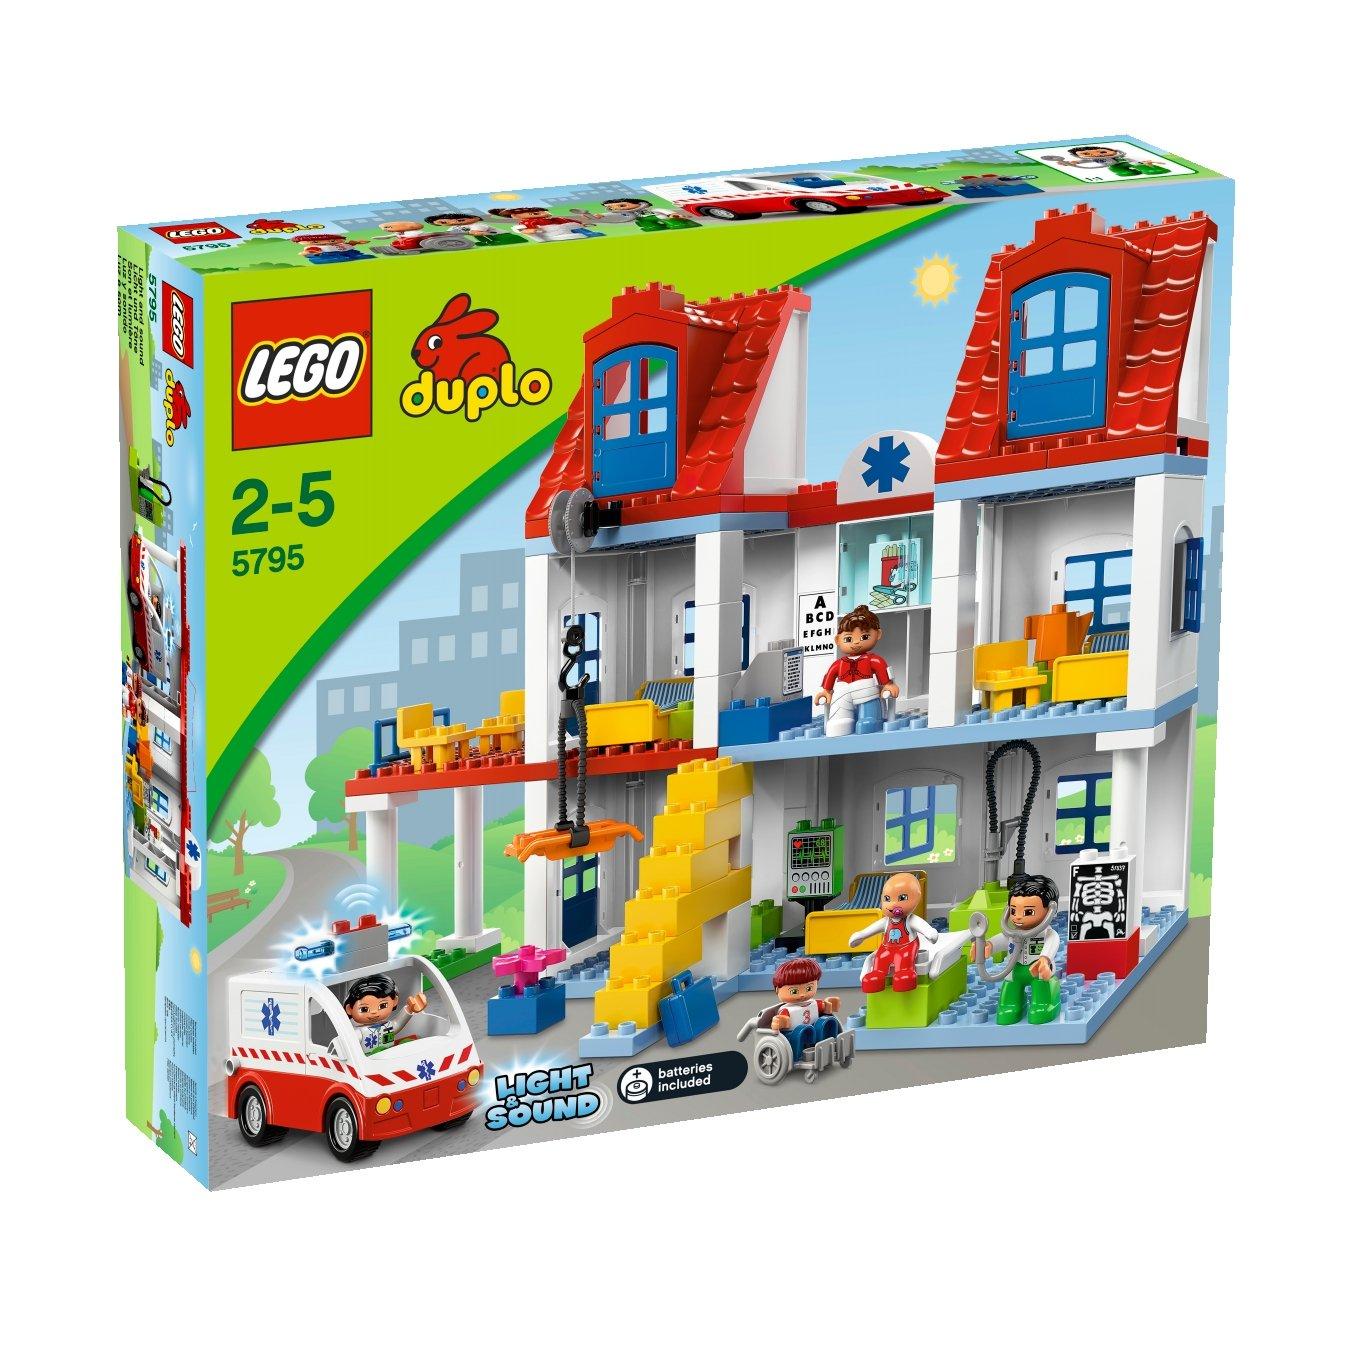 Lego duplo spielzeug einebinsenweisheit for Adventskalender duplo